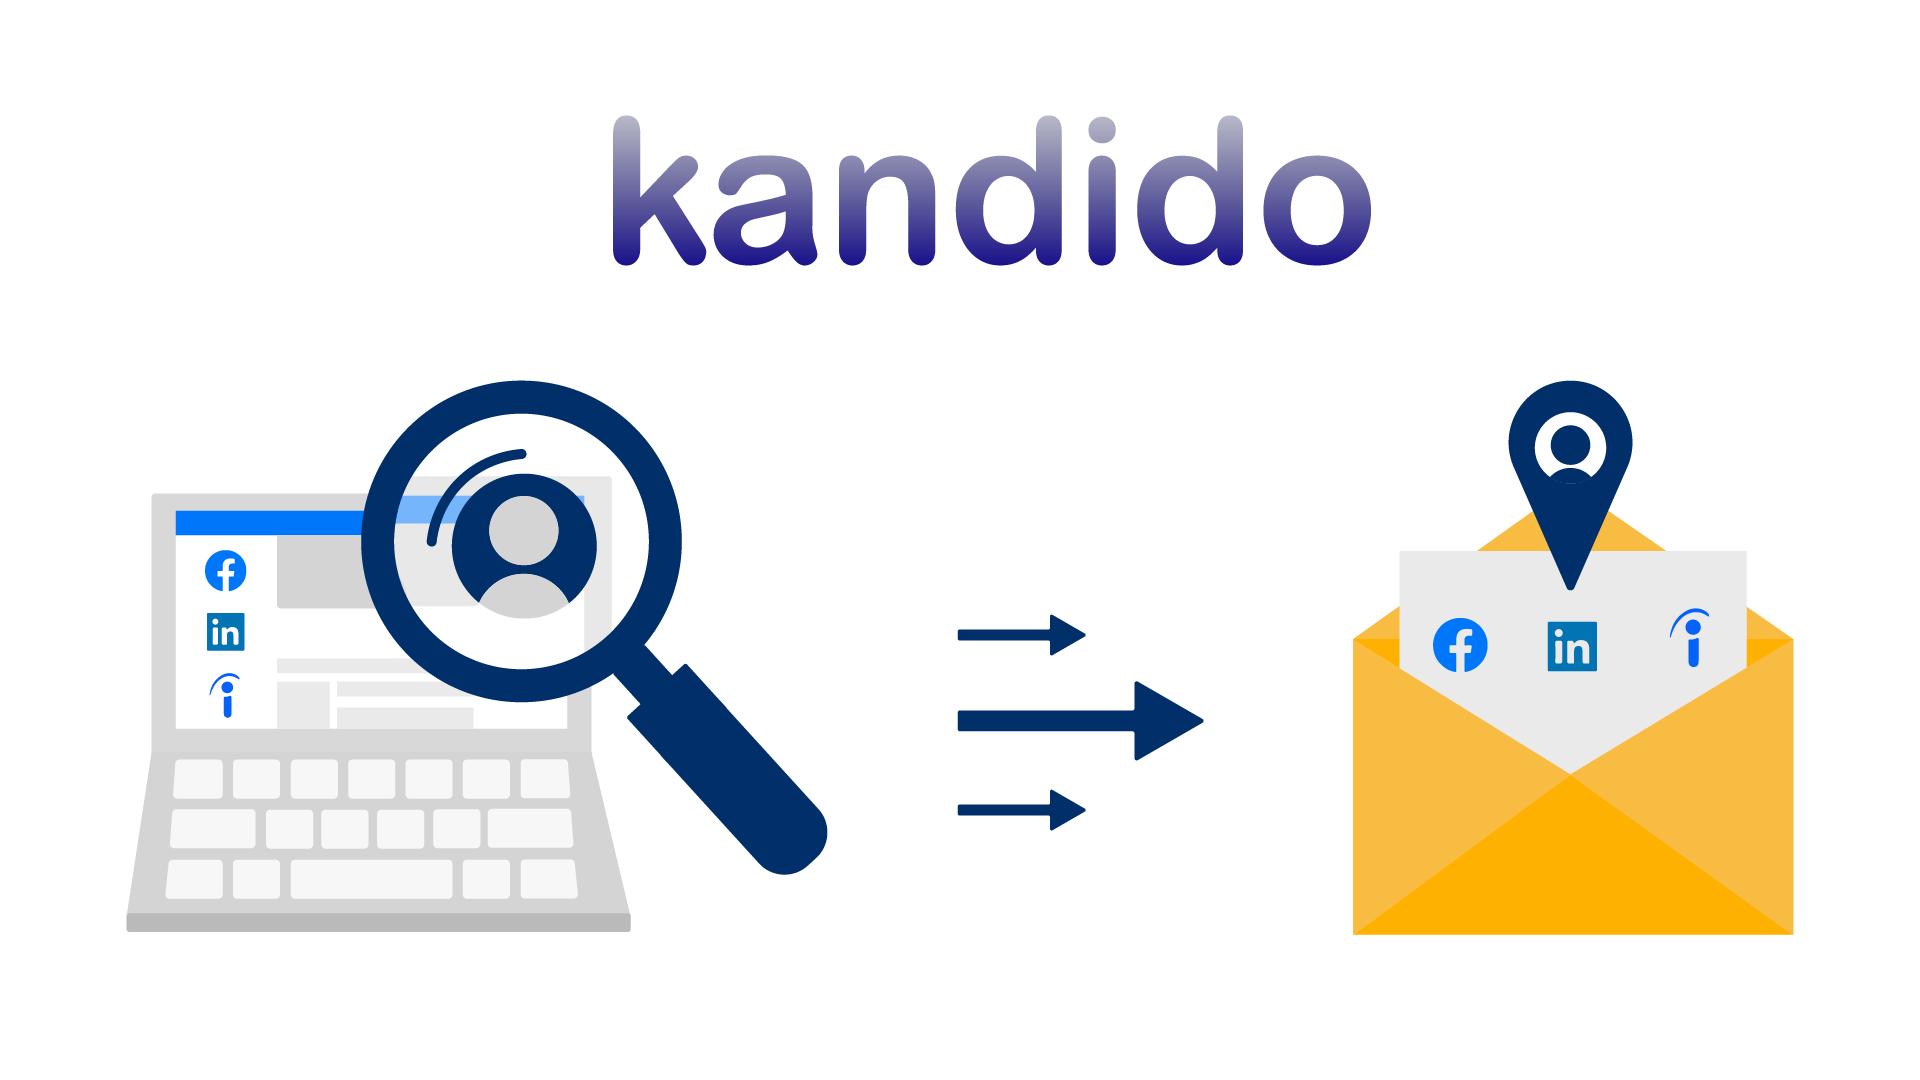 Kandido nu ook verbonden met Facebook